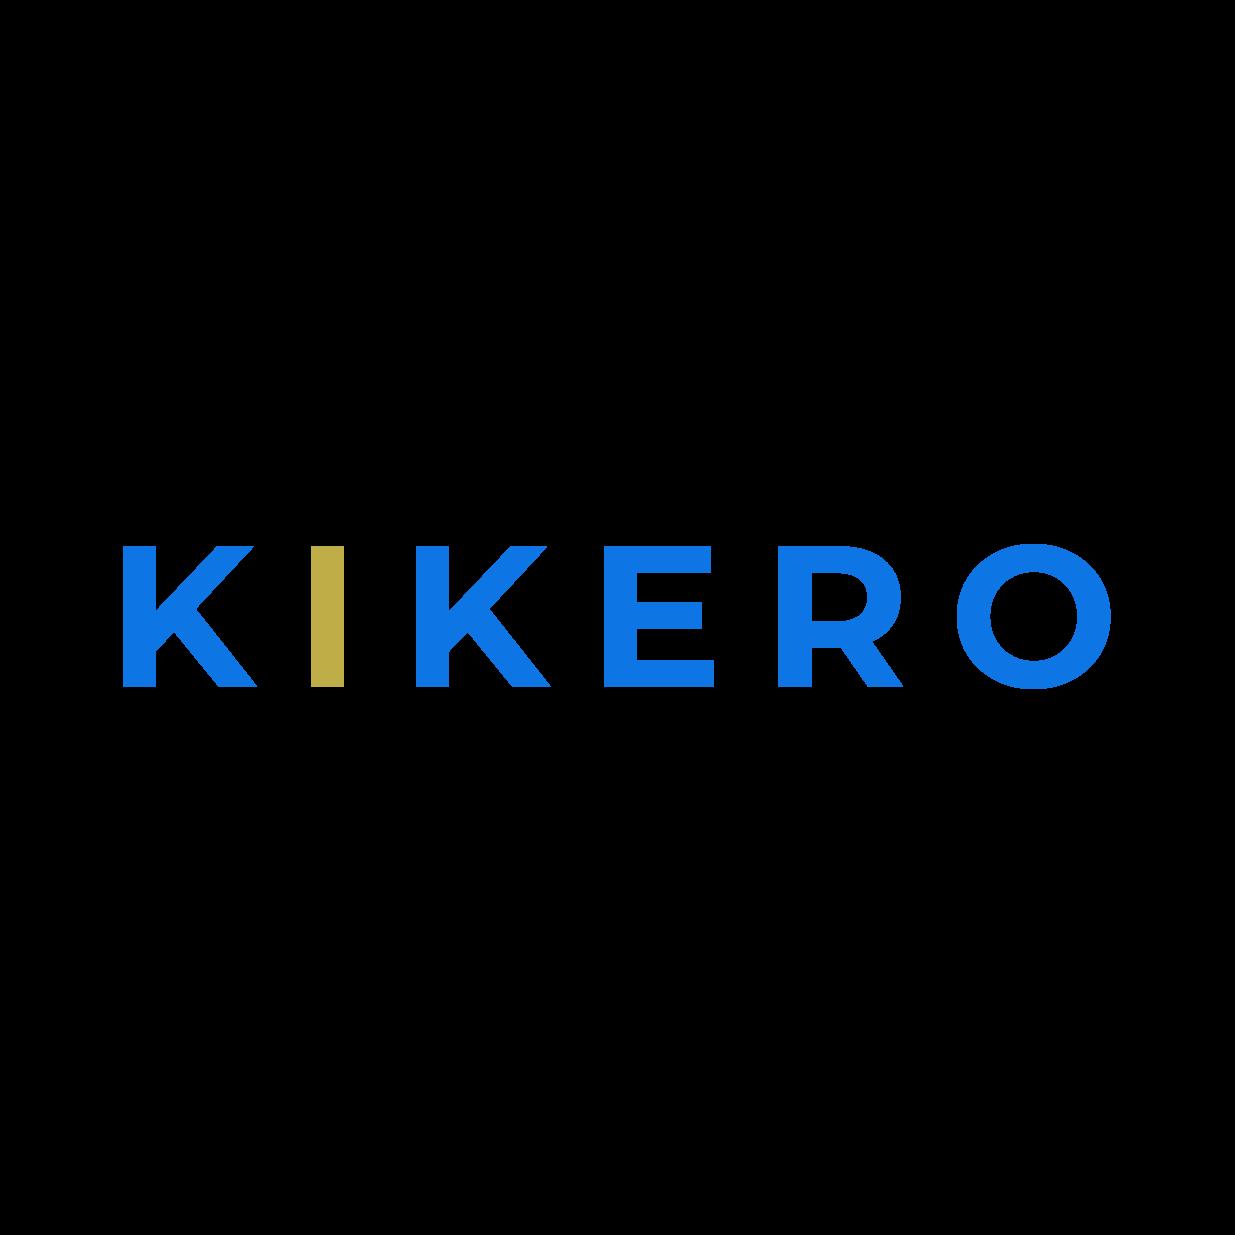 Kikero